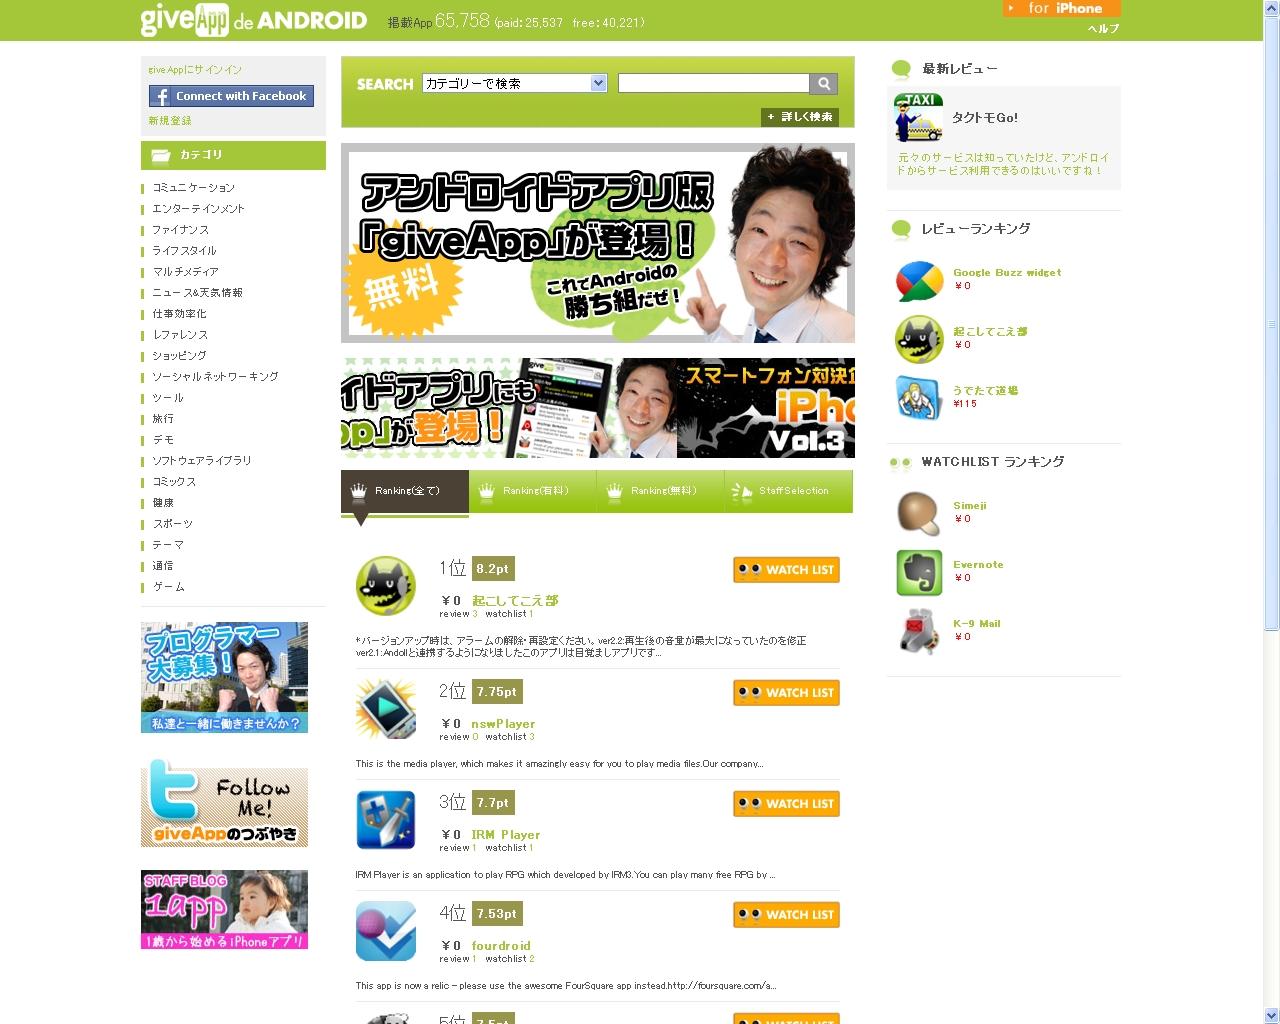 カイト株式会社、Androidアプリ国内最大級総合ポータルサイト  『giveApp(ギブアップ) de Android』 2010年6月21日 正式版リリース  ~Facebookとの連携でアプリ探しがさらに楽しく便利に ~ http://android.giveapp.jp/